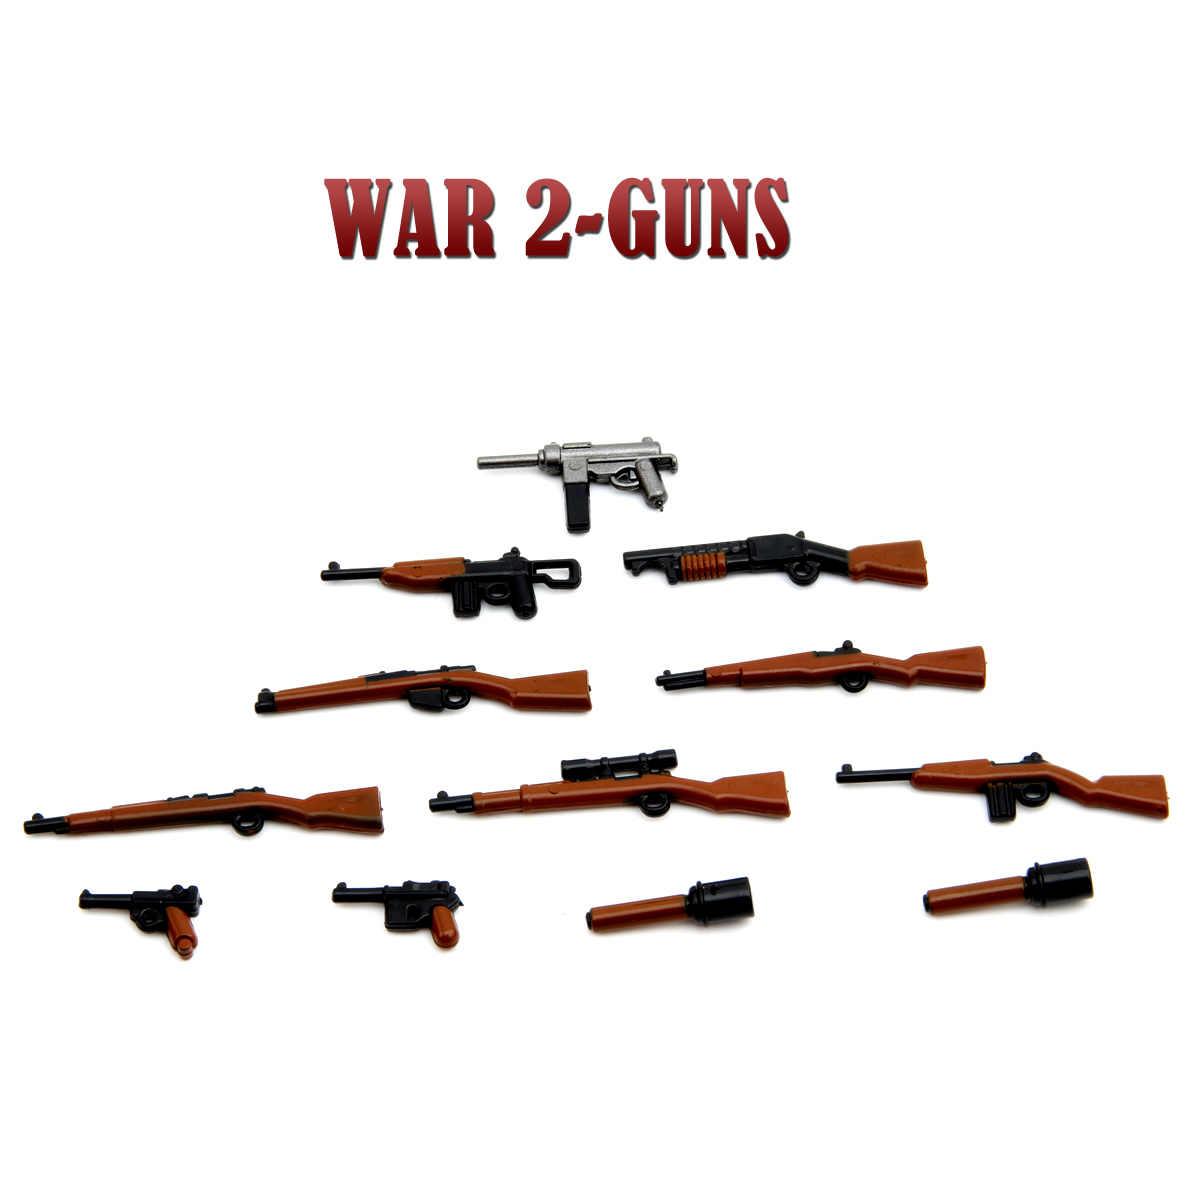 Geely Kostüm Militärischen Krieg Armee City Polizei Pistolen Waffen Pack Soldaten SWAT Bausteine Kinder spielzeug für kinder